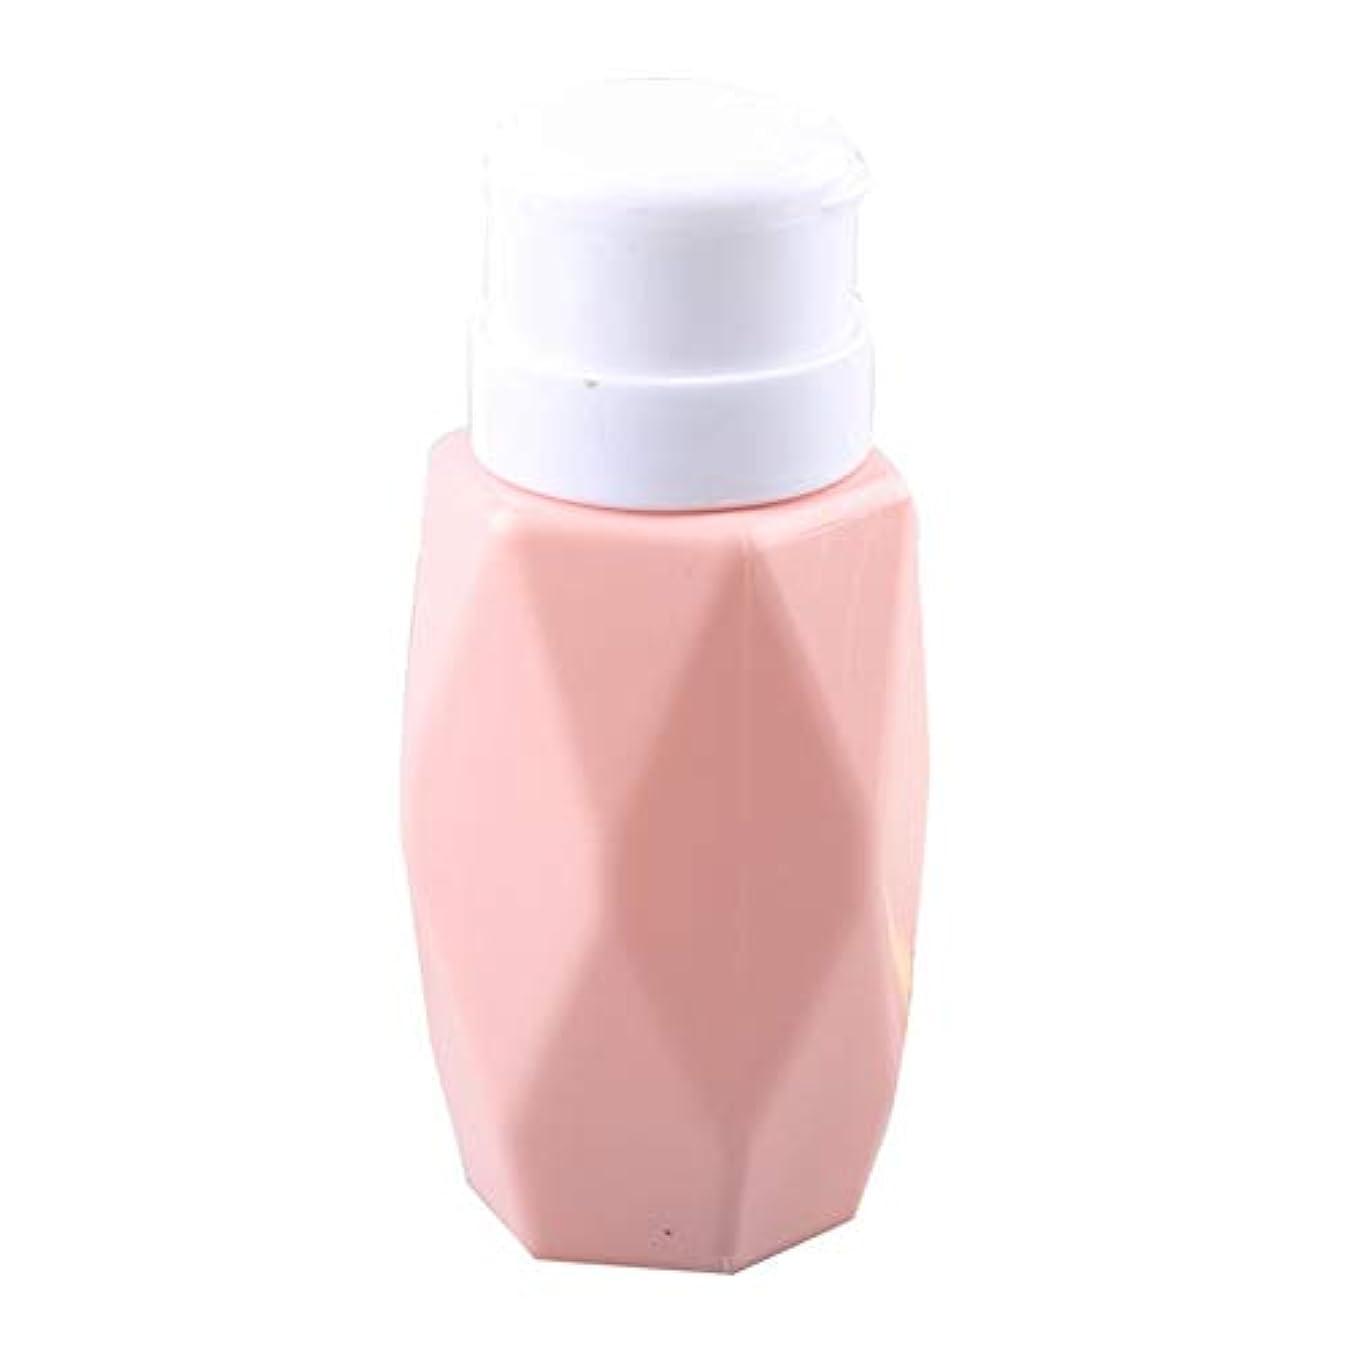 値する優しいくるくるSODAOA屋 200ml リットル空ポンプ ボトル ネイルクリーナーボトル ポンプディスペンサー200ml ジェルクリーナー ジェルリムーバ 可愛い ファッション 人気(ピンク)